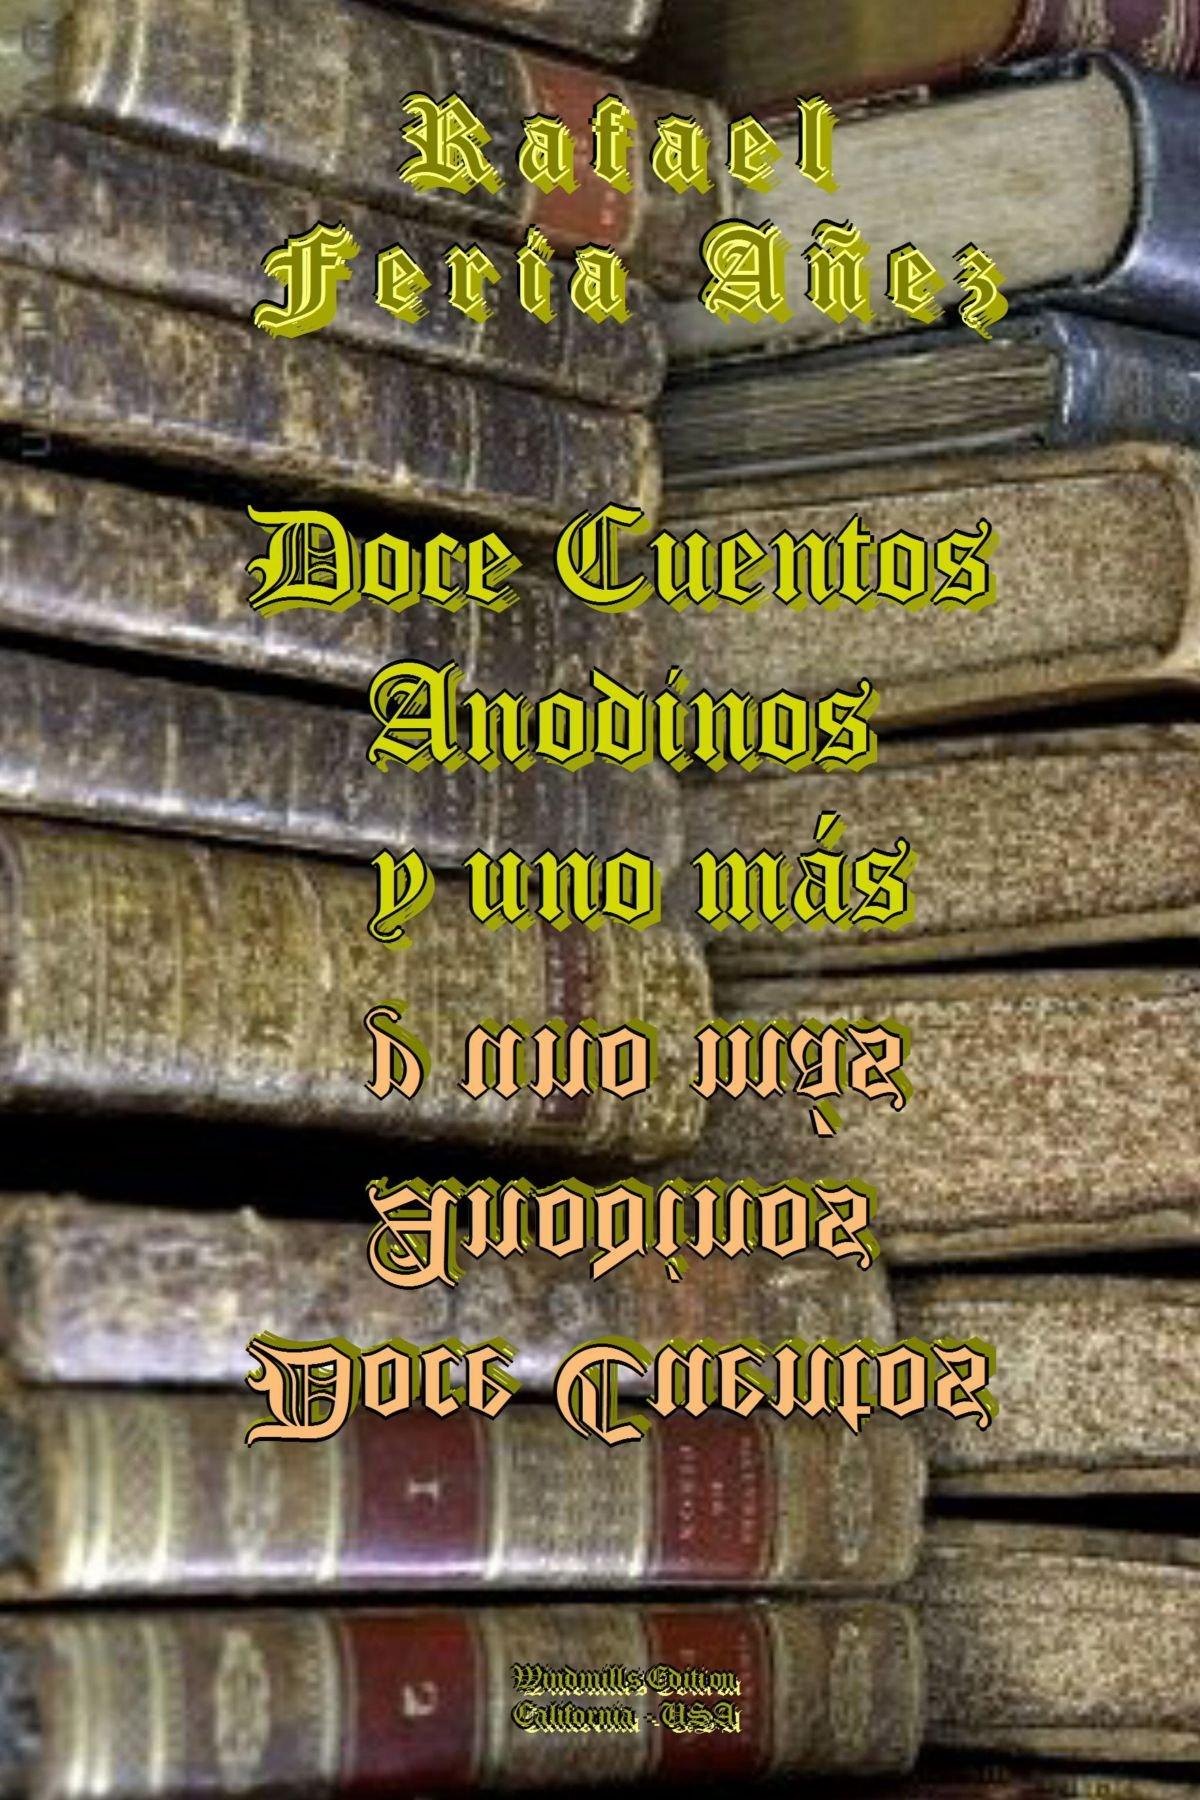 Doce Cuentos Anodinos Y Uno Más (Spanish Edition): Rafael Feria Añez: 9781257018161: Amazon.com: Books